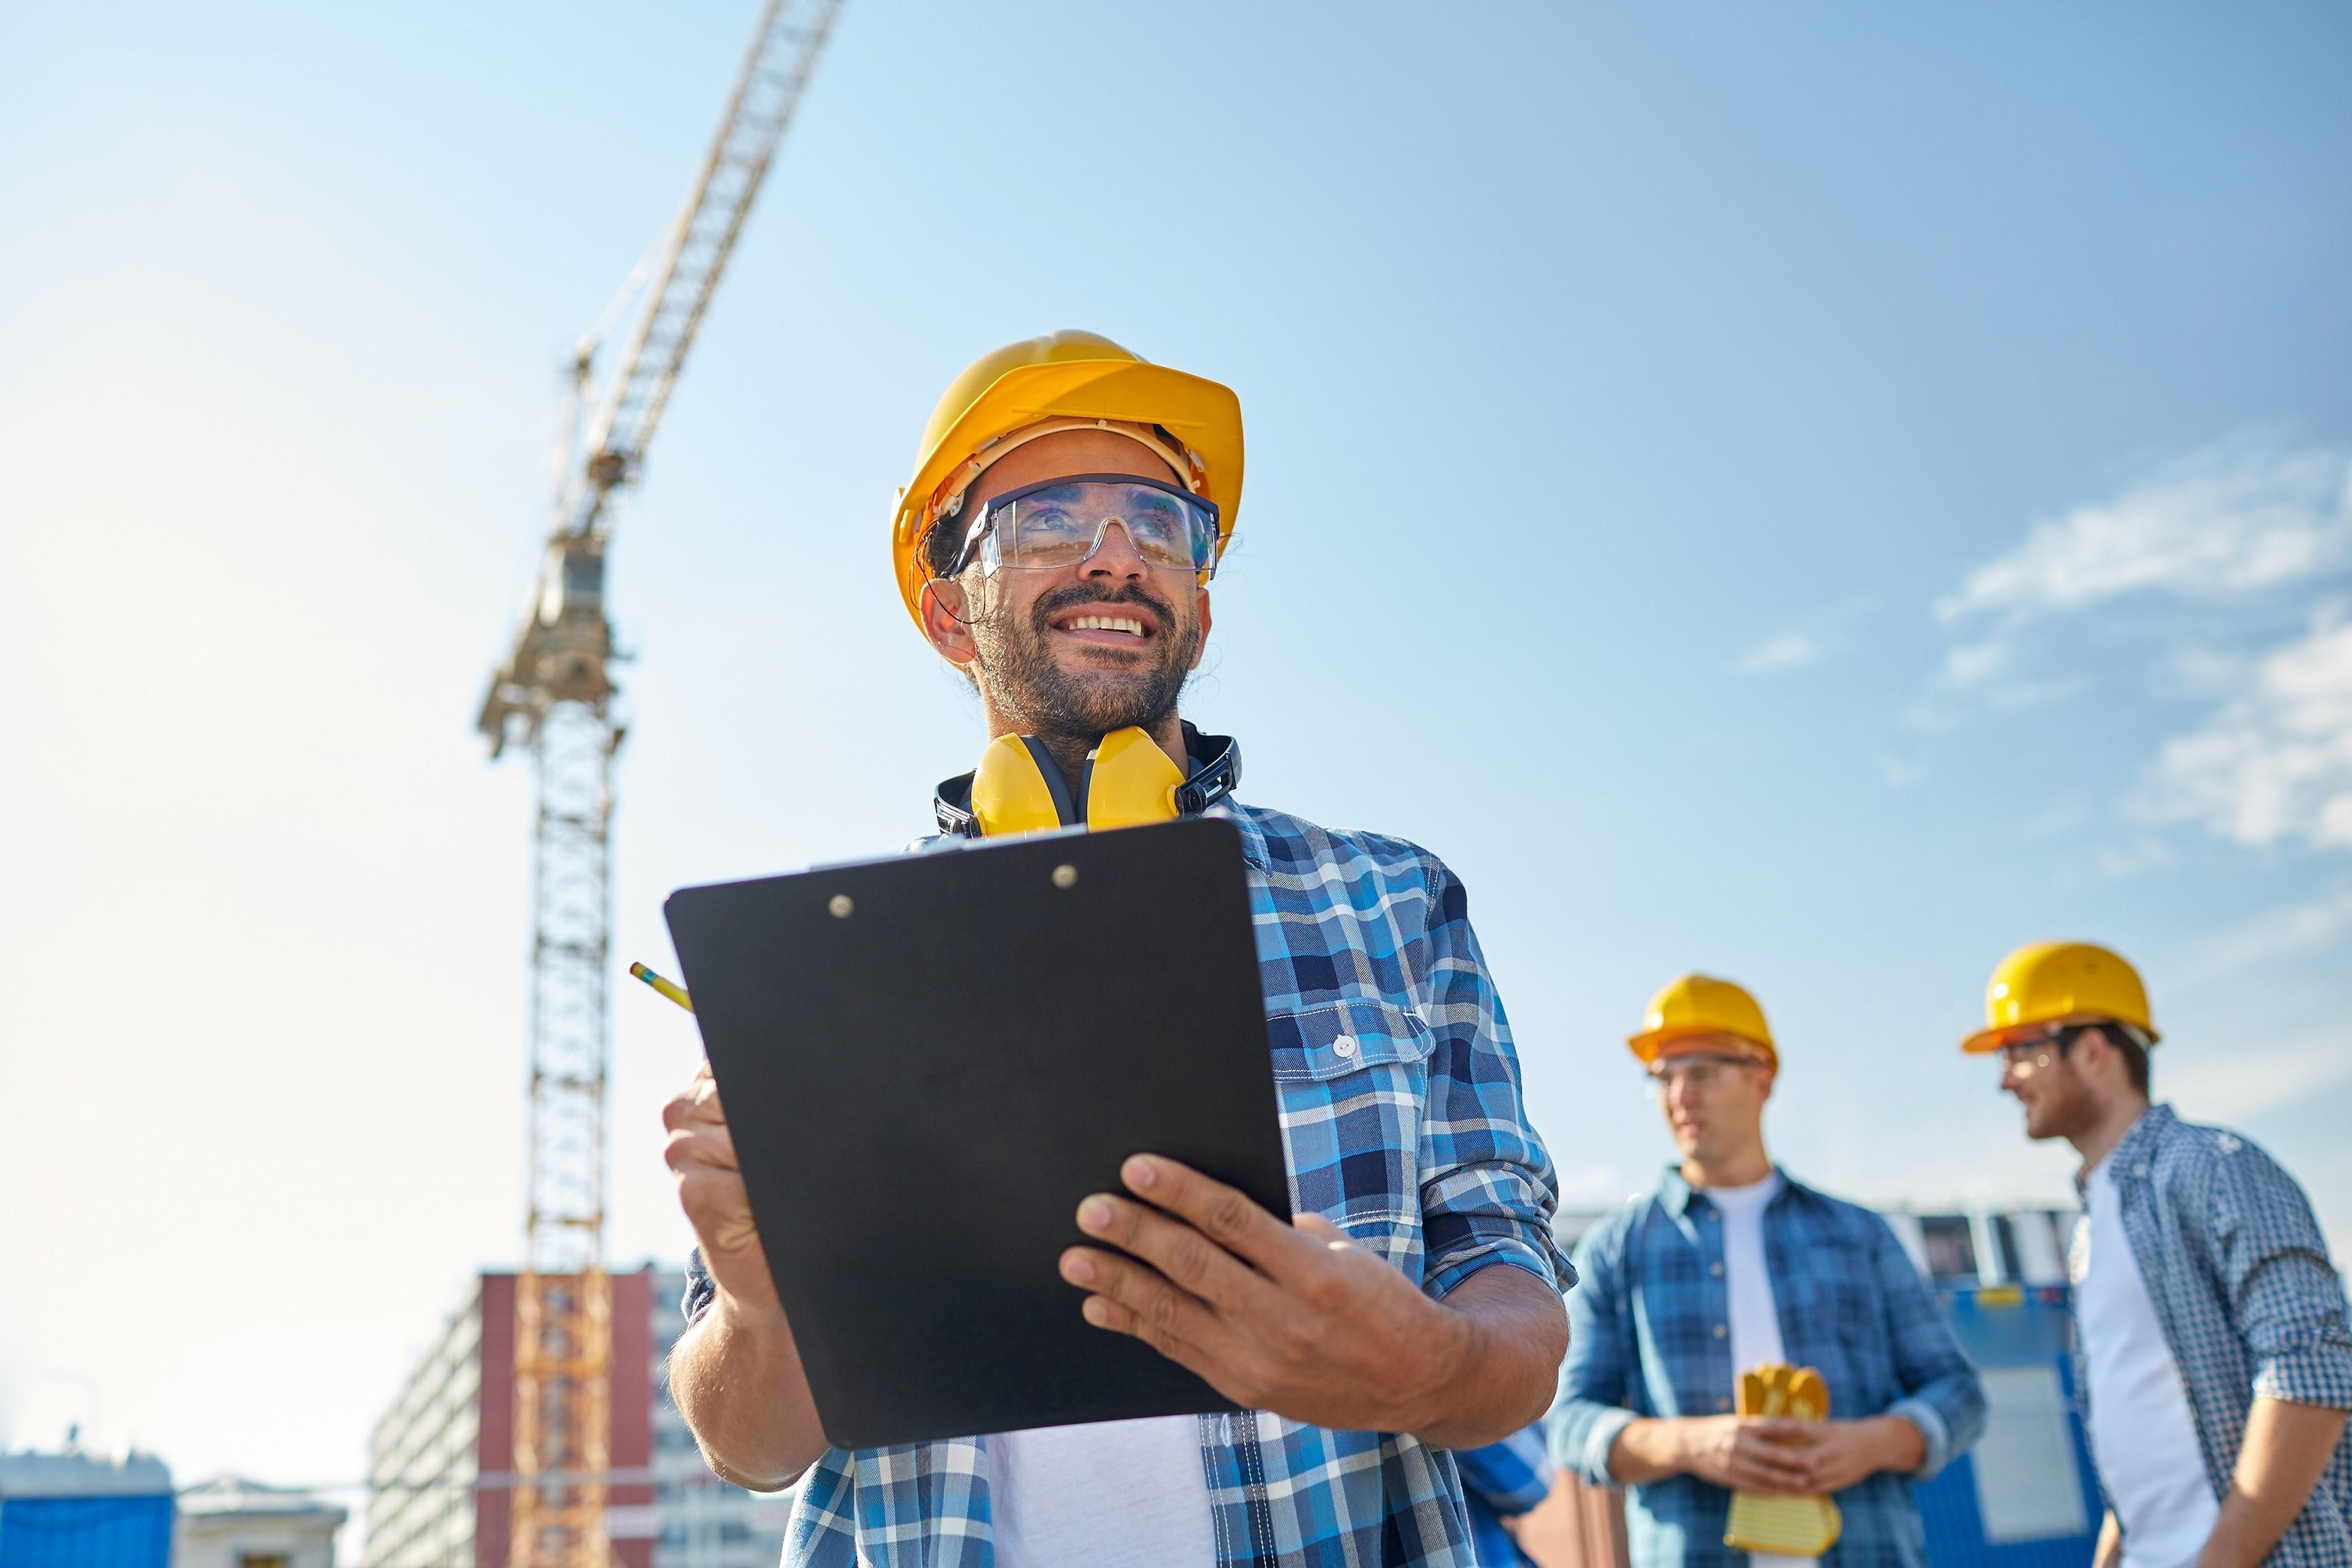 cms/images/new--konstrukteur-konstrukteur-gehalt/Konstrukteur.jpg